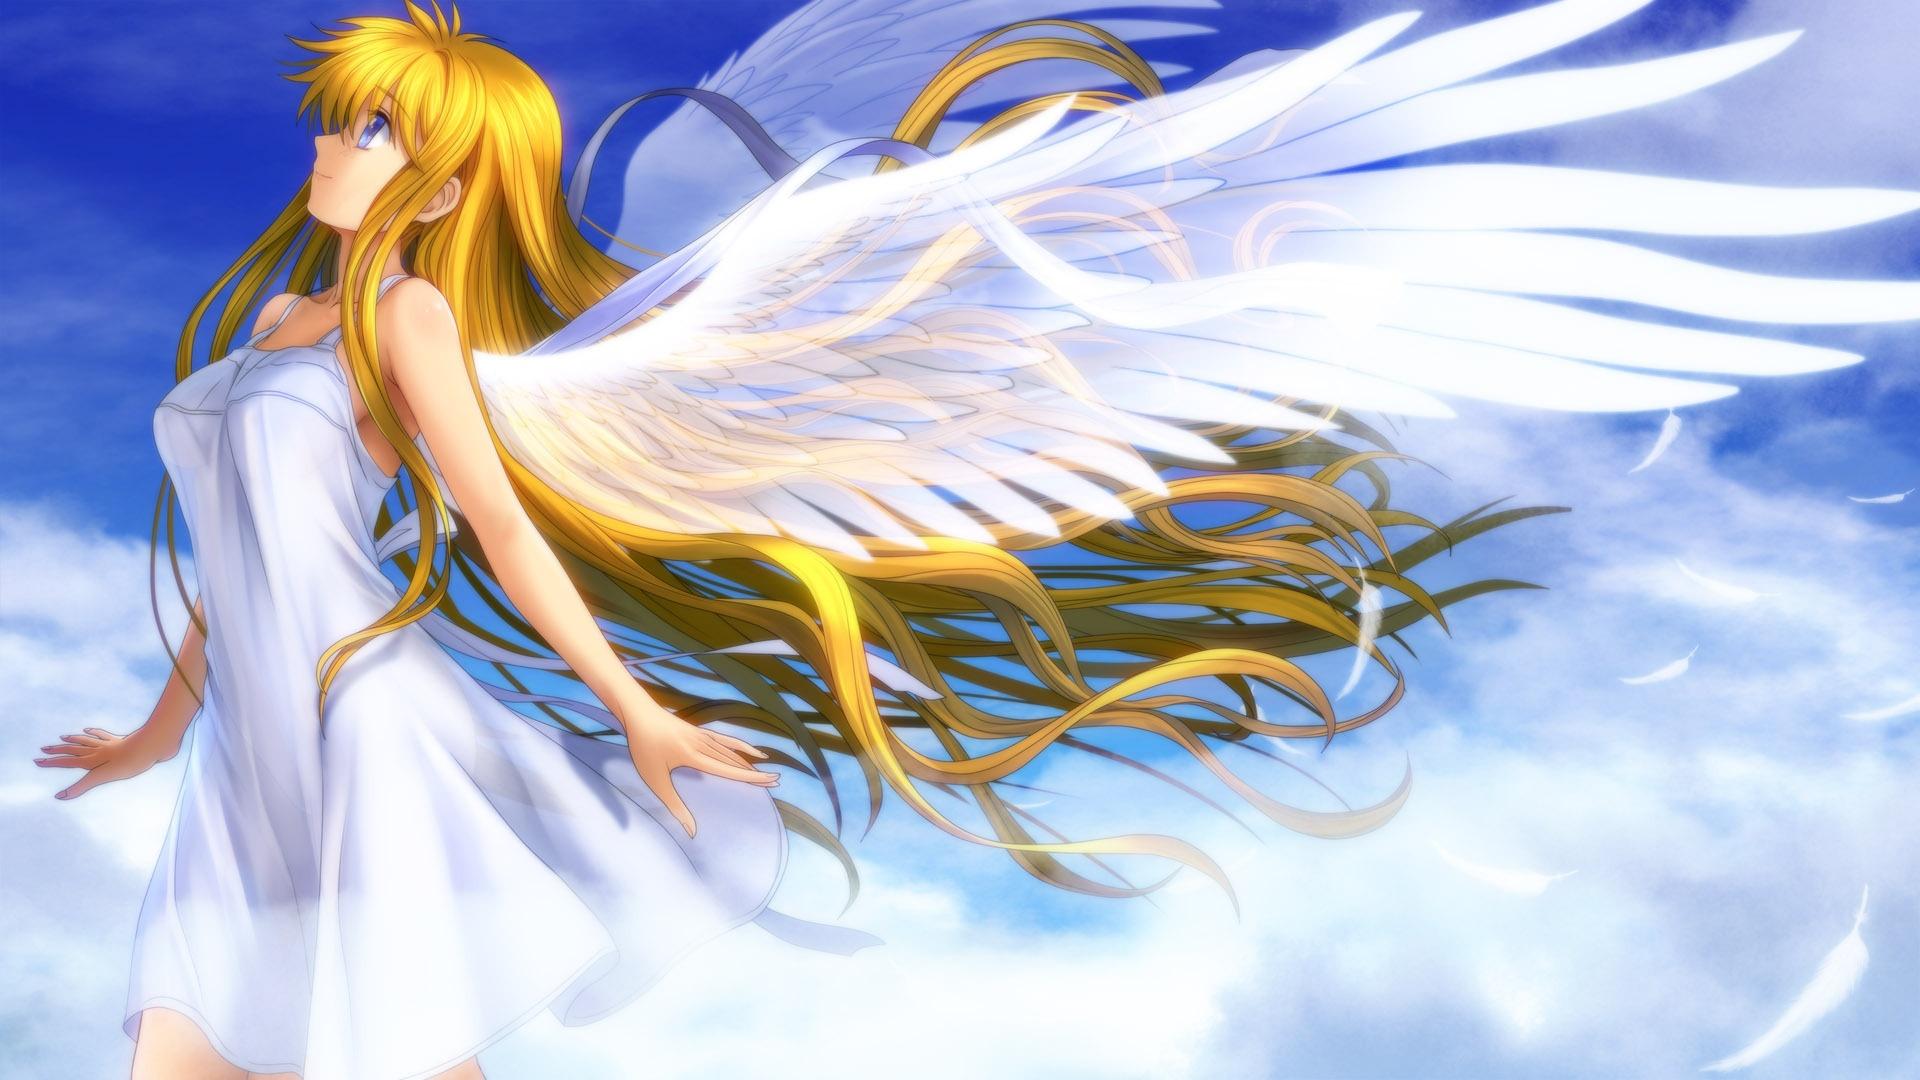 美麗的動漫女孩天使的翅膀白色羽毛 壁紙 - 1920x1080